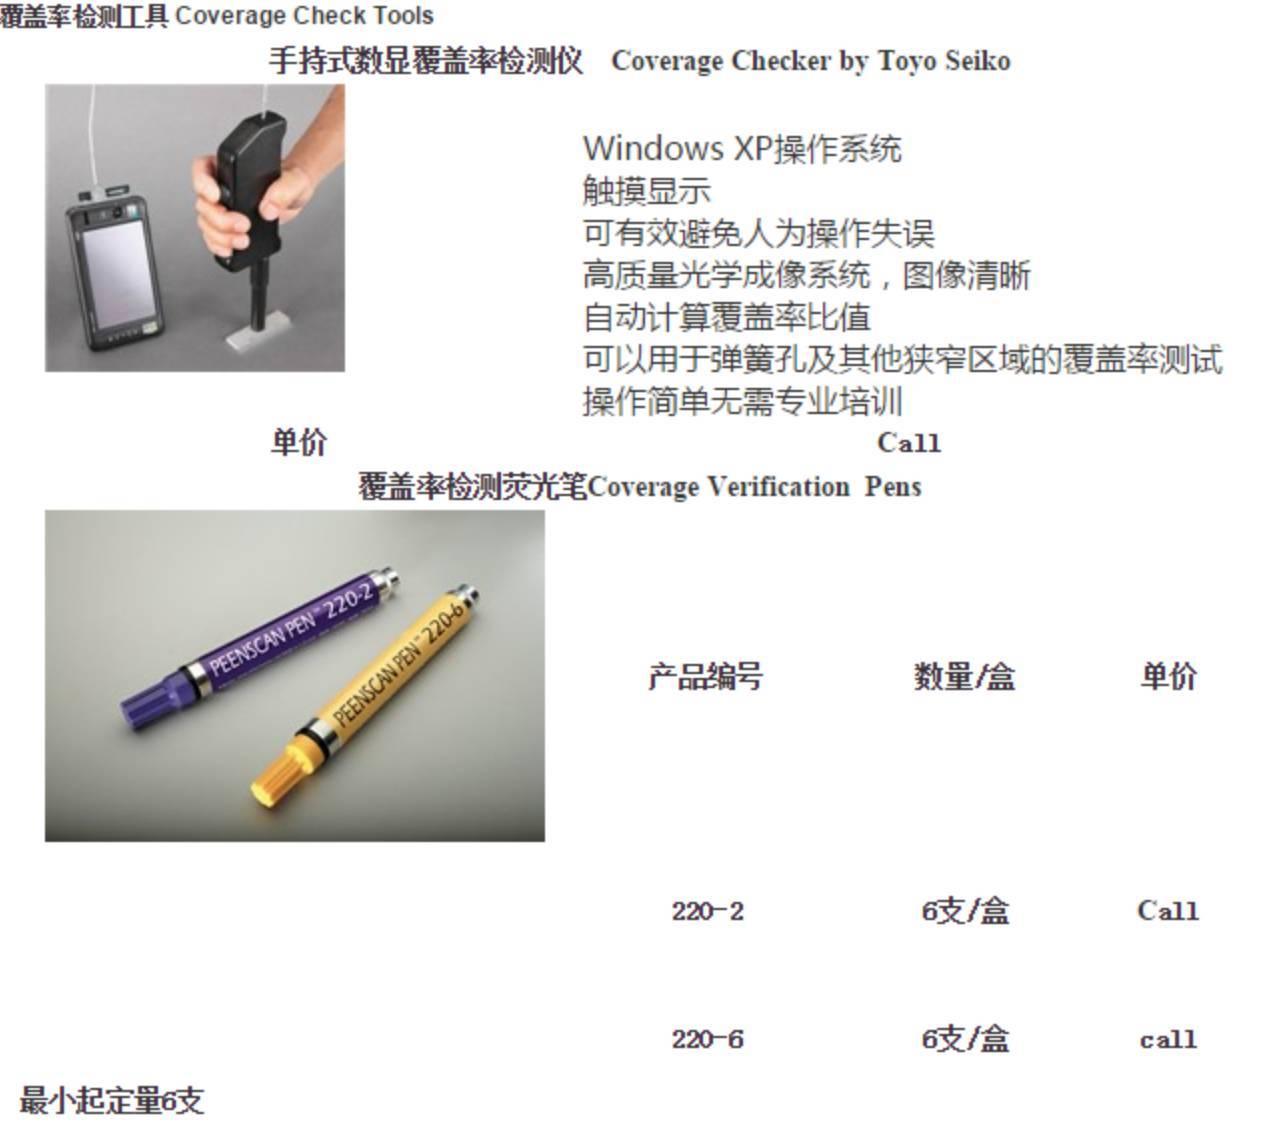 覆盖率检测仪和荧光追踪笔